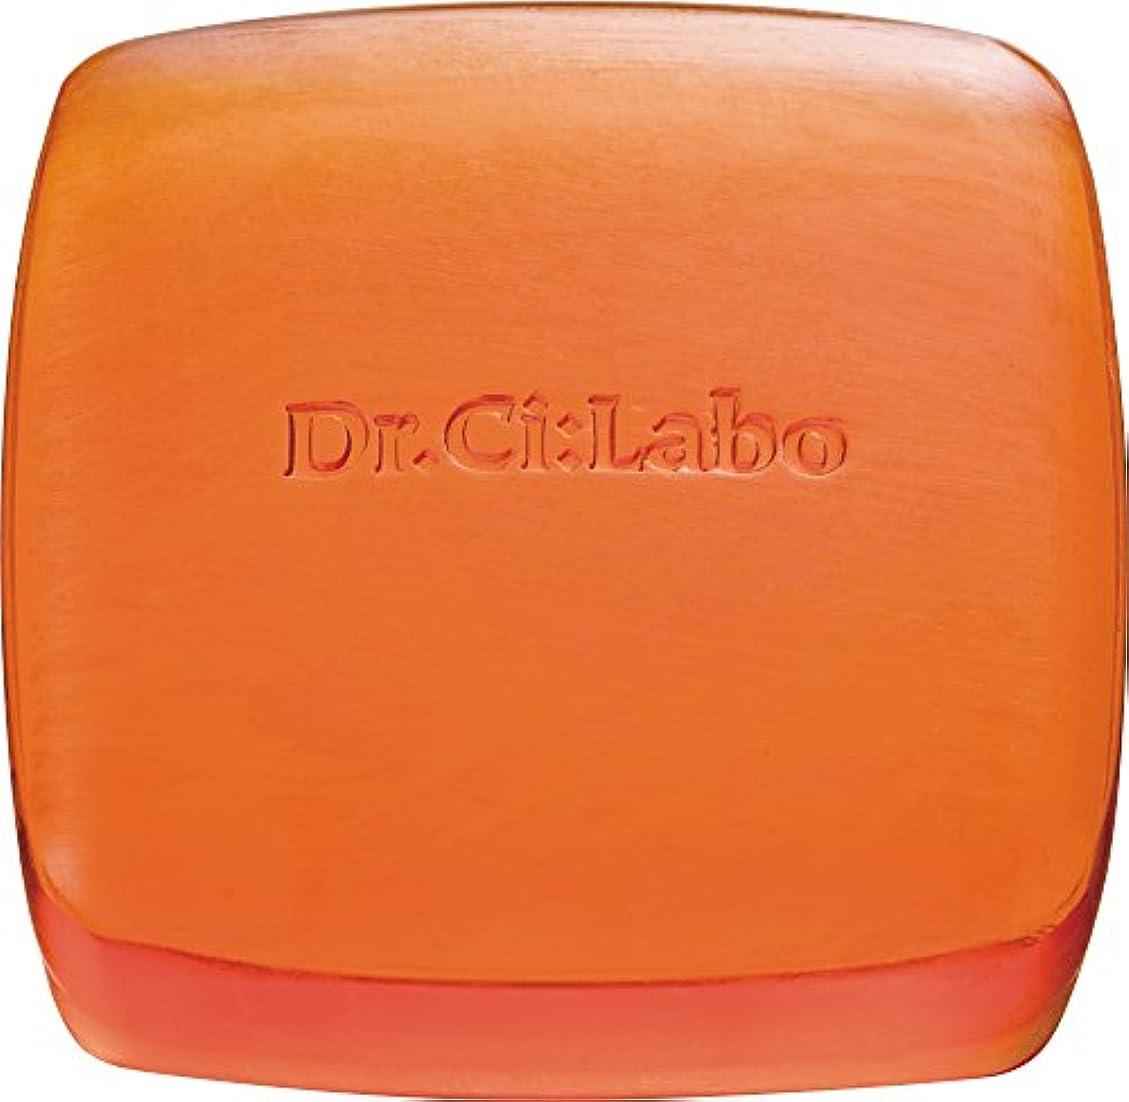 細胞ベンチャー獣ドクターシーラボ VC100ピーリングソープ 100g 洗顔石鹸